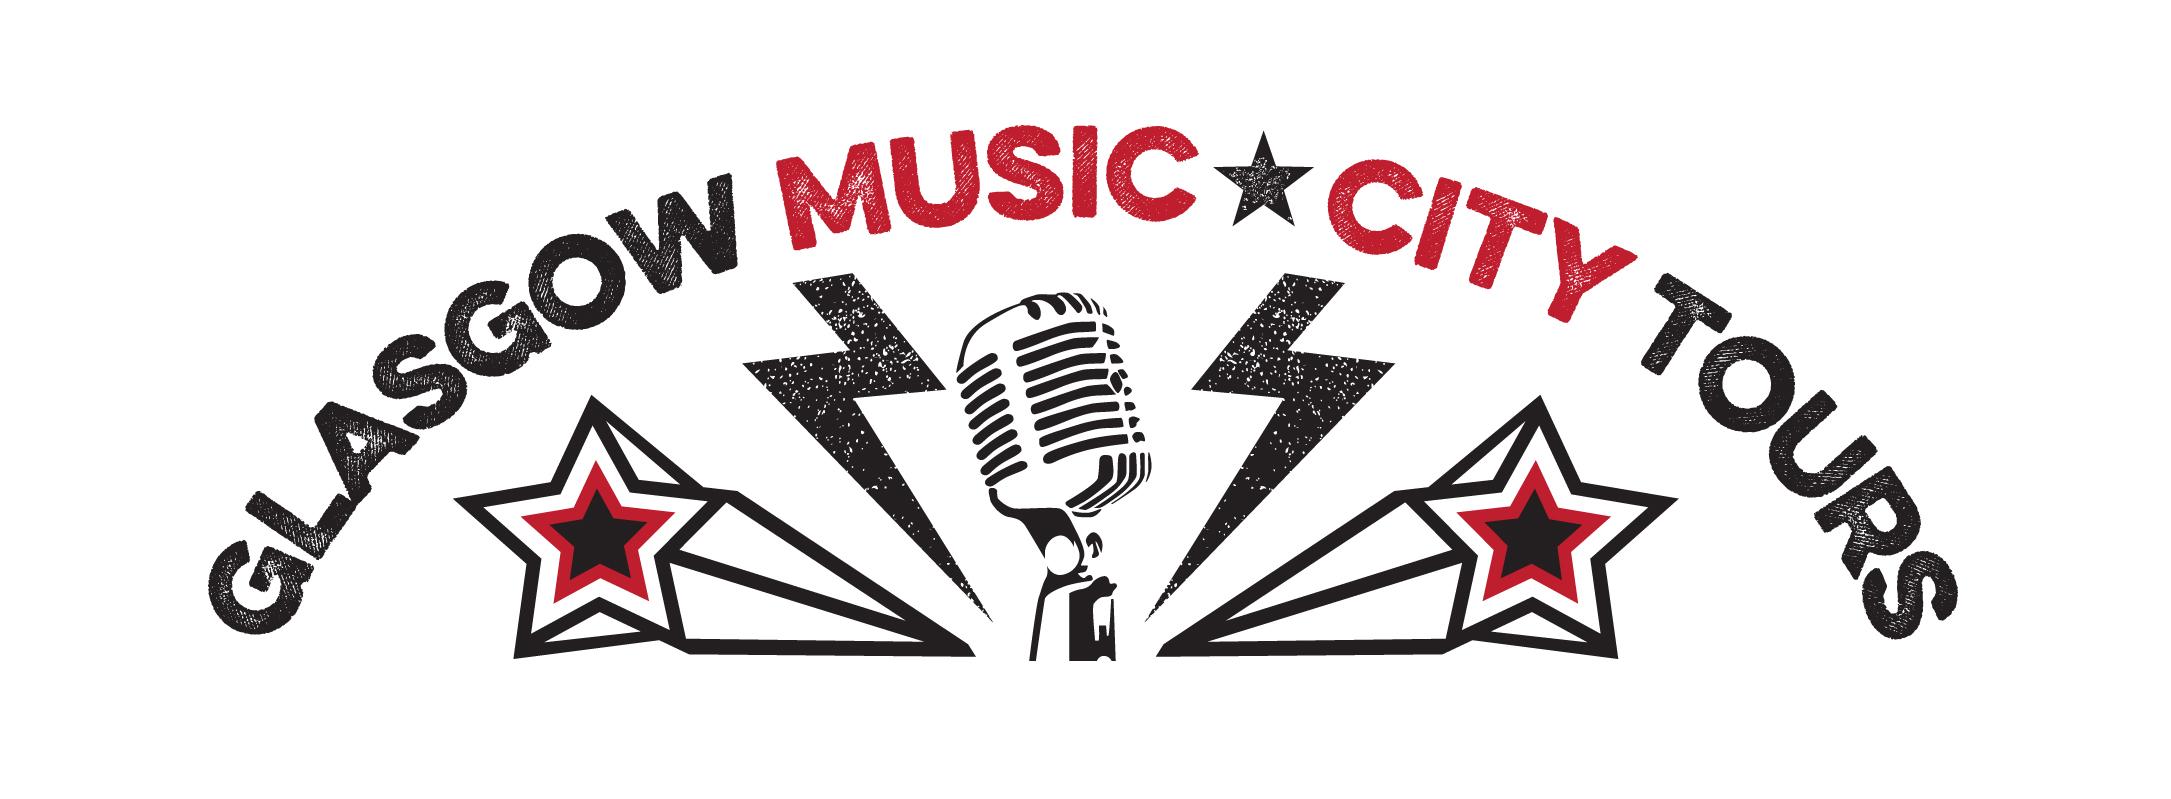 Glasgow Music City Tours logo